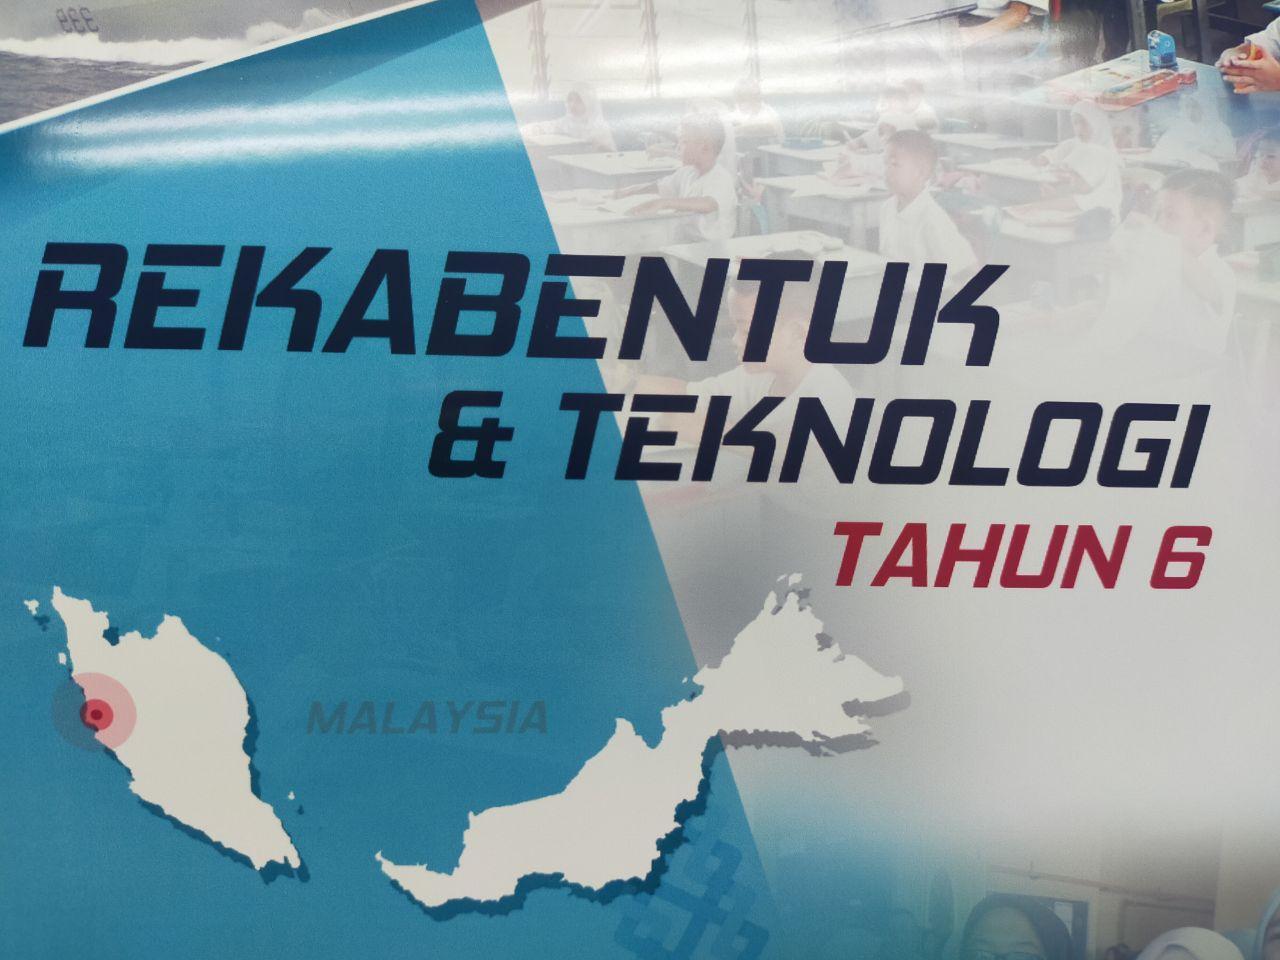 Rancangan Pengajaran Tahunan Rekabentuk Teknologi Tahun 6 Rpt Rbt Tahun 6 2020 Cikgu Suffi Cs